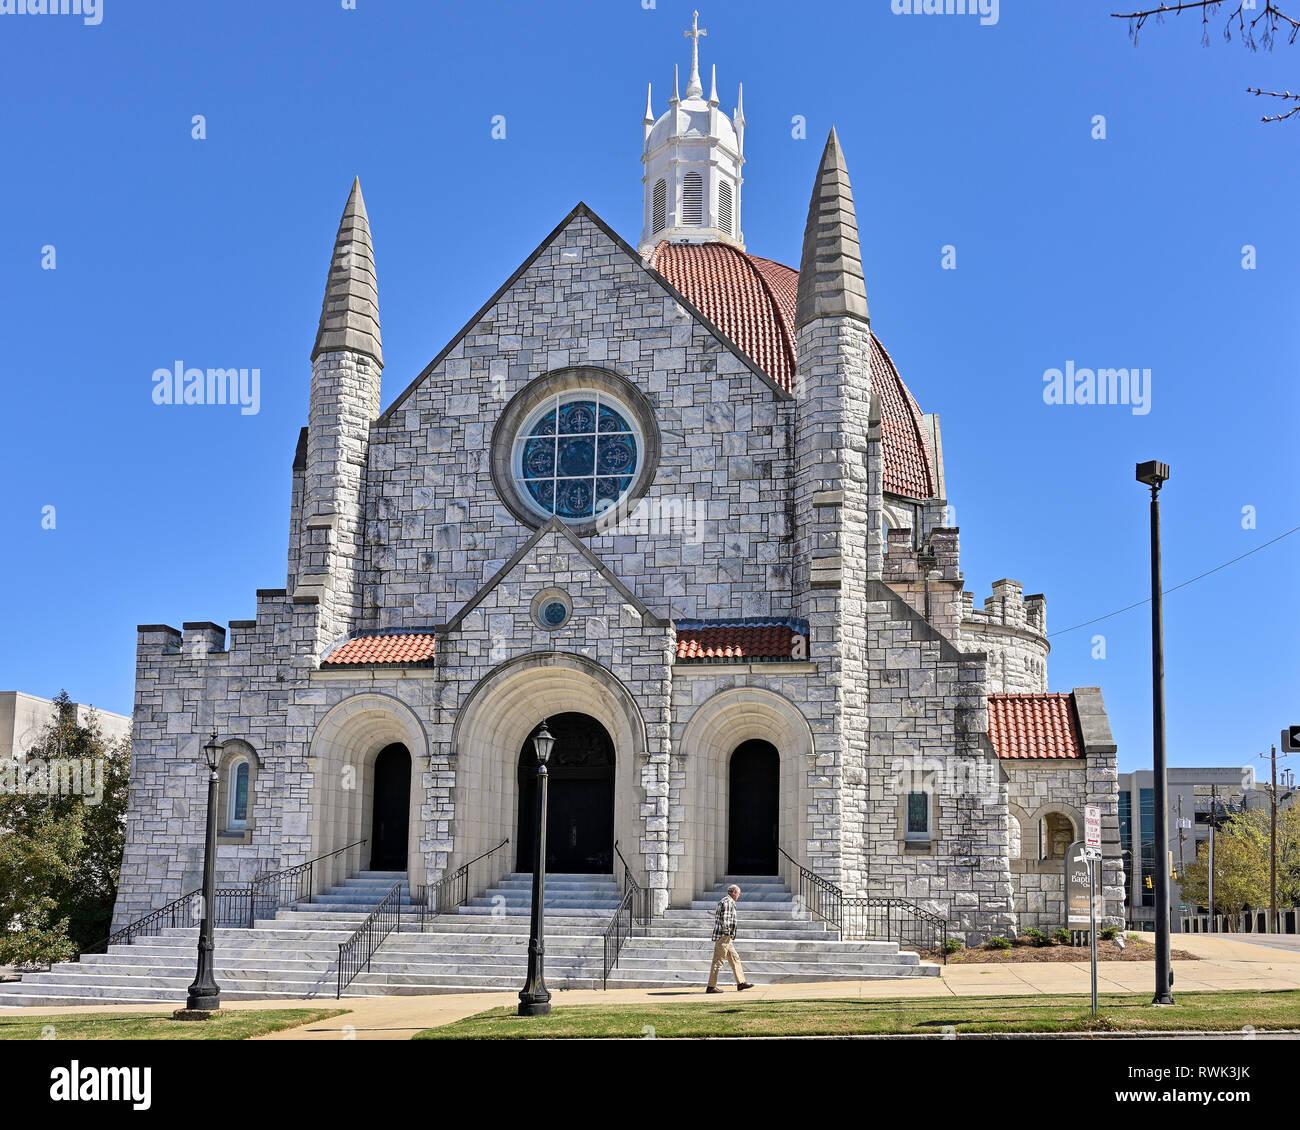 La Primera Iglesia Bautista, una gran iglesia de piedra modelada después de diseño italiano, un símbolo de la religión cristiana o la fe protestante en Montgomery, AL, USA. Foto de stock